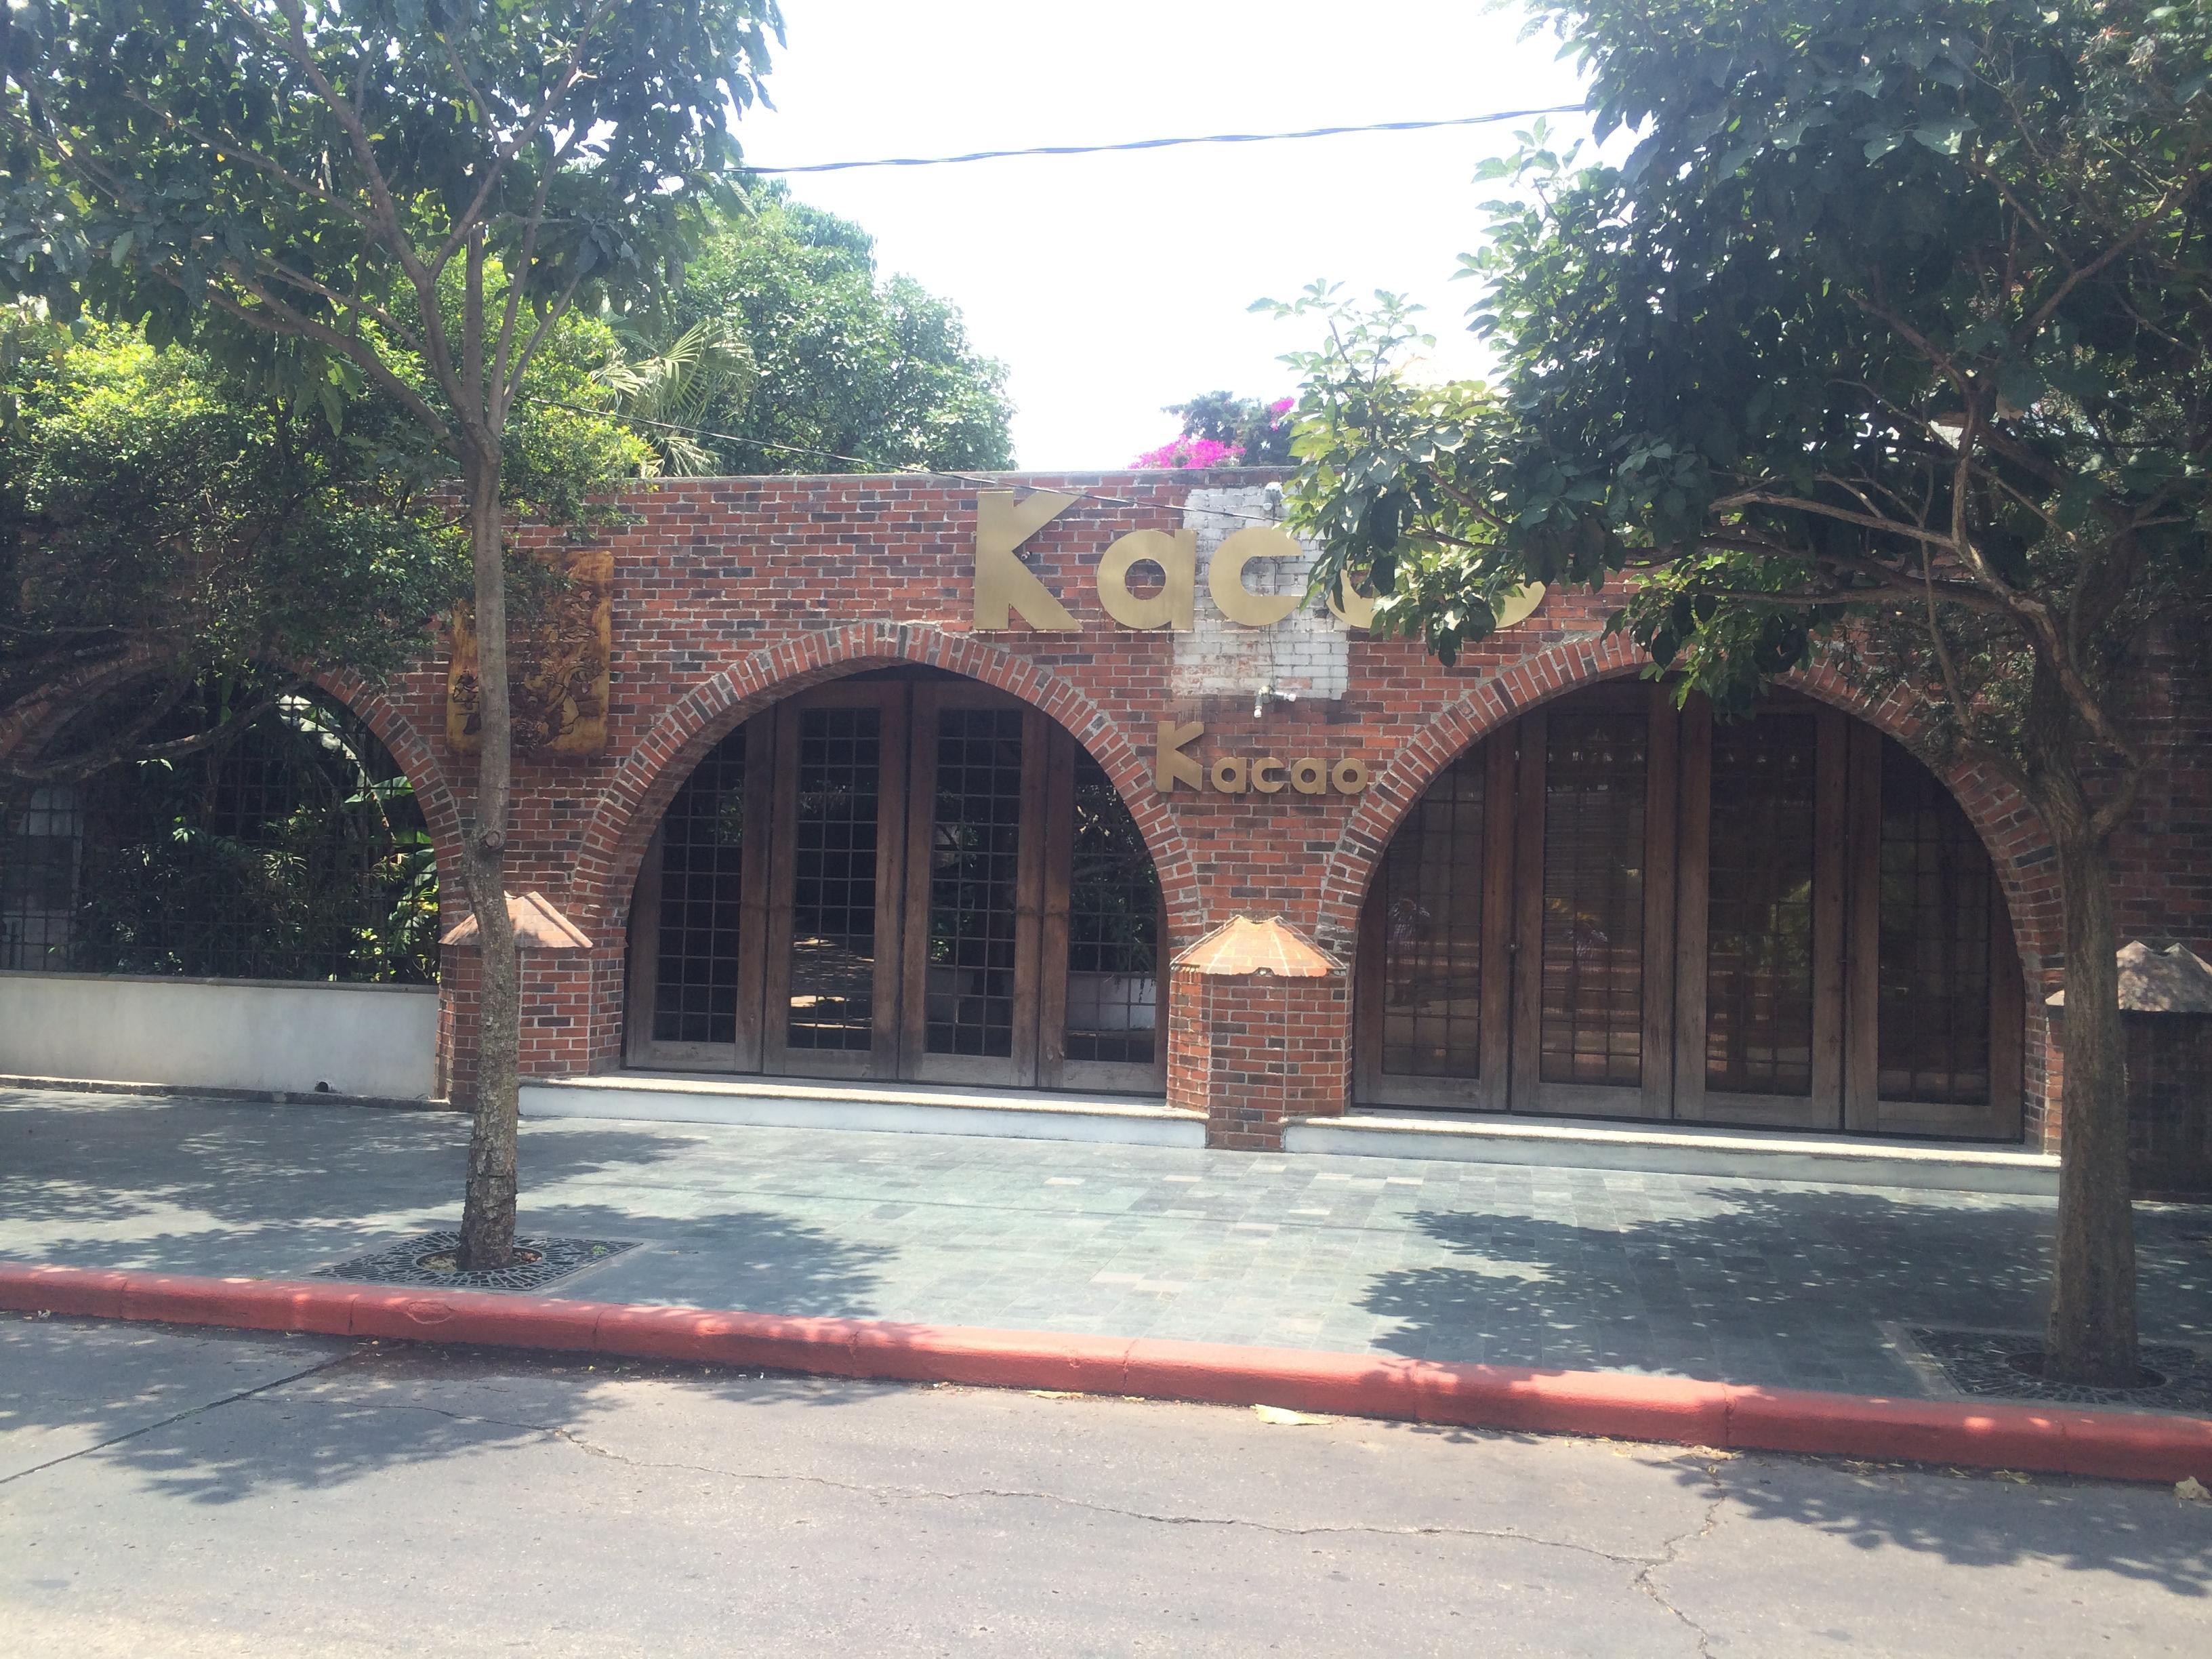 El restaurante funciona desde hace 18 años en el mismo lugar. (Foto: Luis Barrios/Soy502)